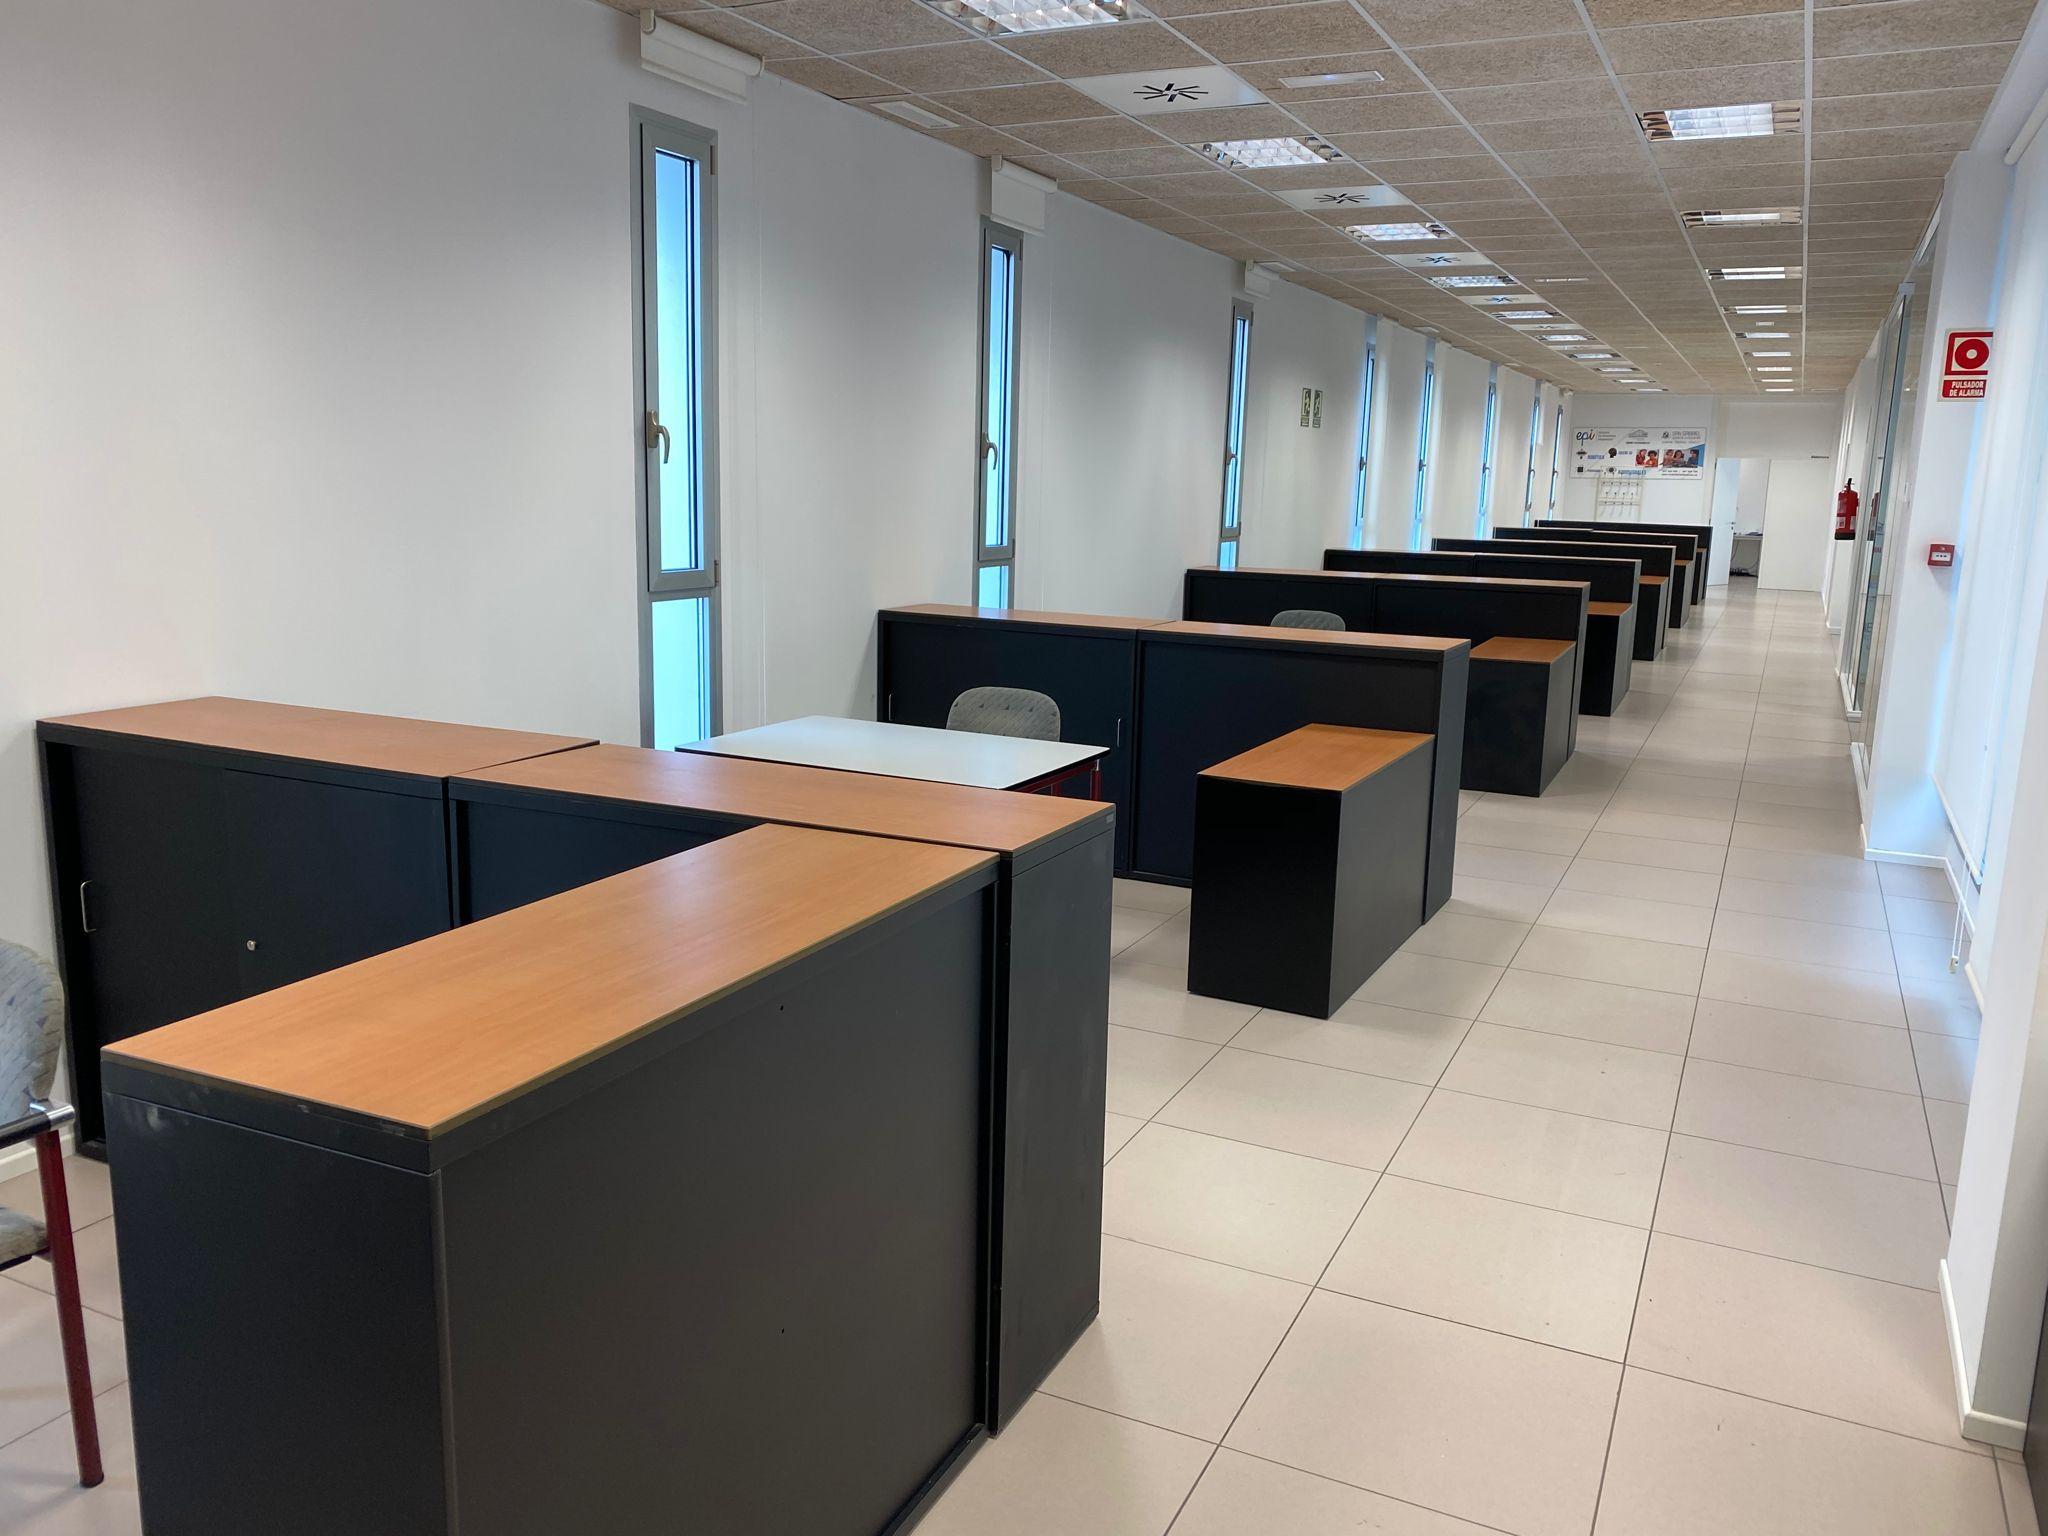 Oficina en desuso de Caixabank